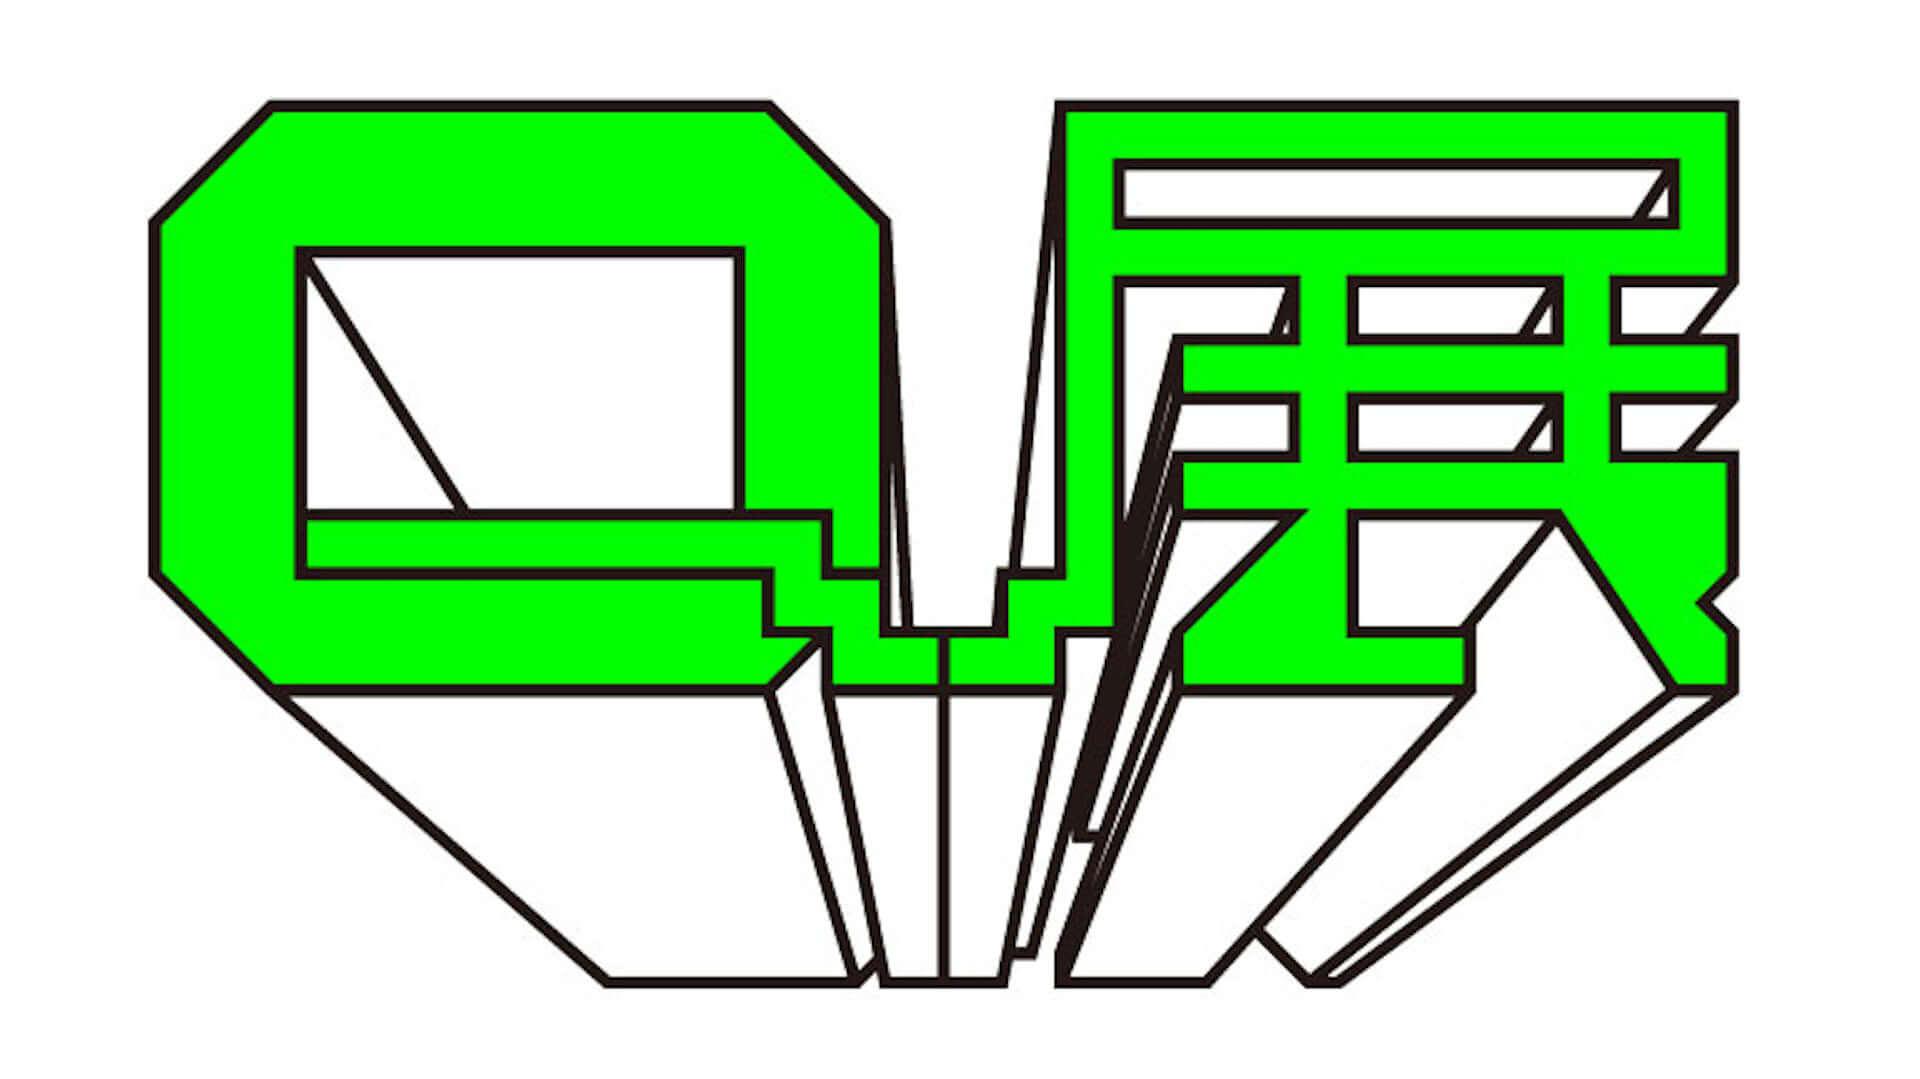 東郷清丸、奇想天外なアイデアを詰め込んだ2ndアルバム『Q曲』の軌跡をたどる<Q展>開催 music190709_togokiyomaru_qten_3-1920x1079